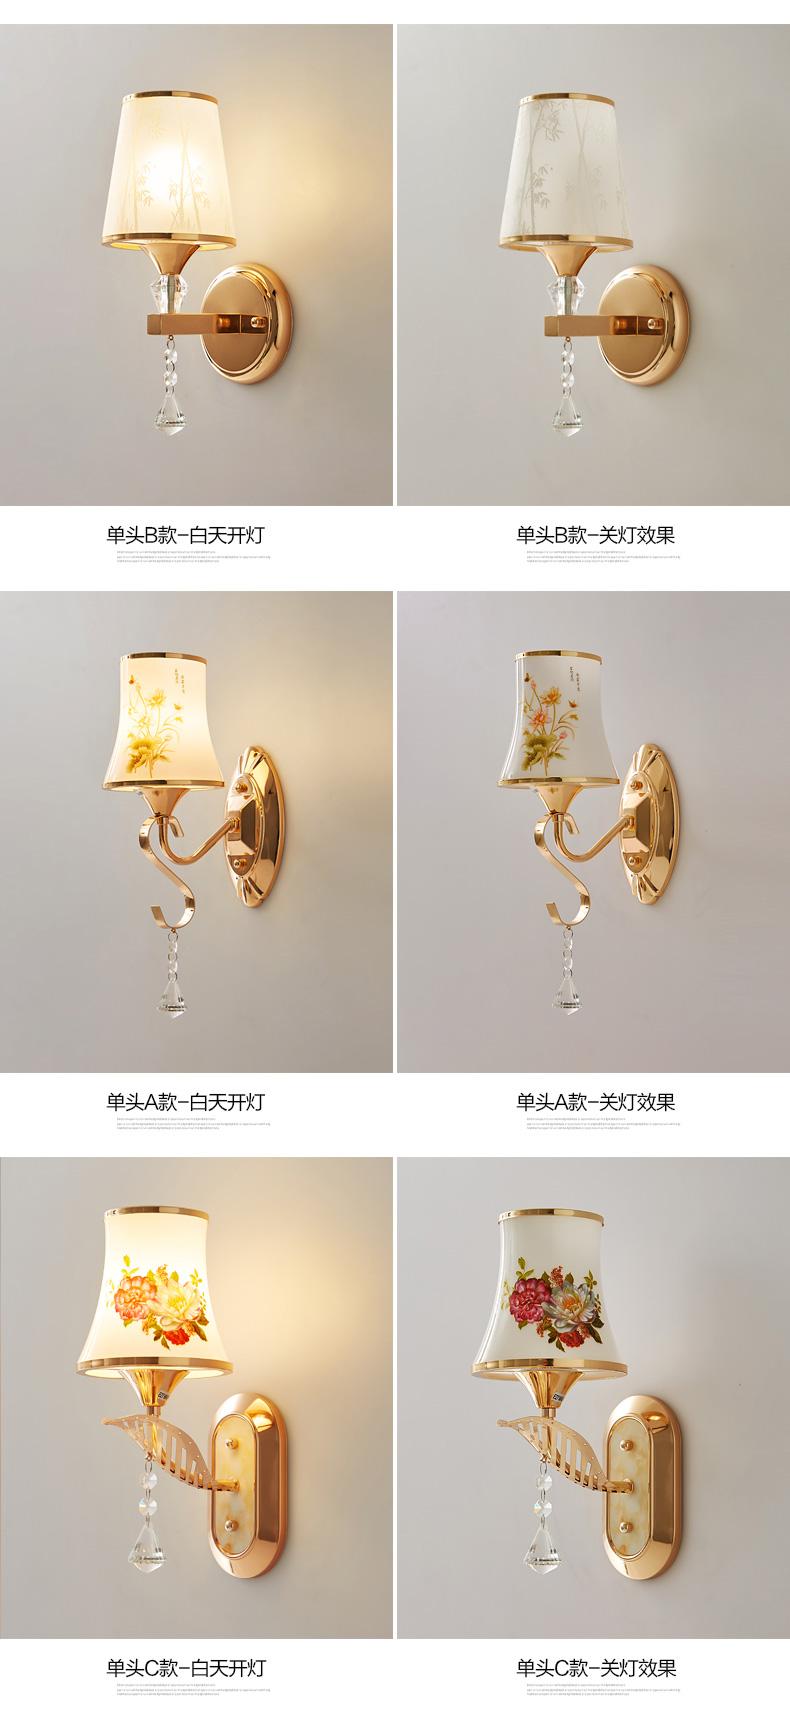 壁灯简约现代卧室床头灯美式创意客厅墙壁灯楼梯阳臺走道灯具详细照片